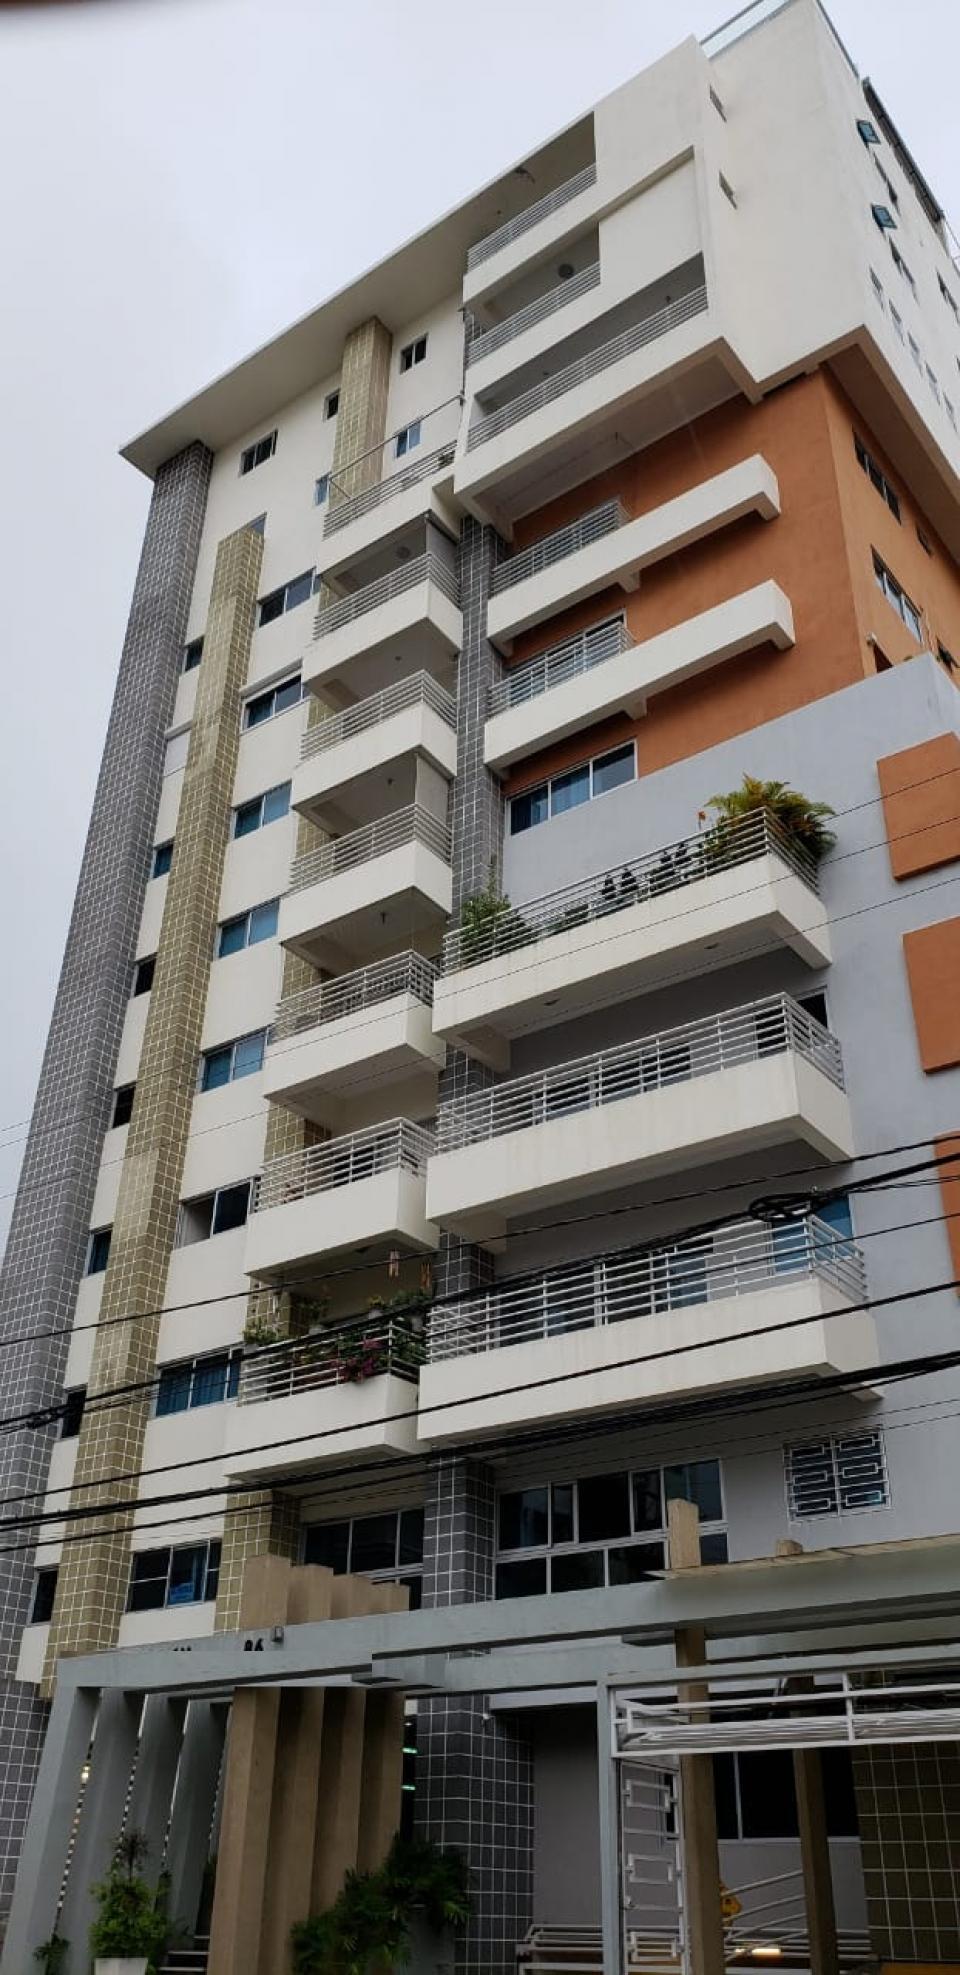 Apartamento en venta en el sector EVARISTO MORALES precio RD$ 7,650,000.00 RD$7,650,000